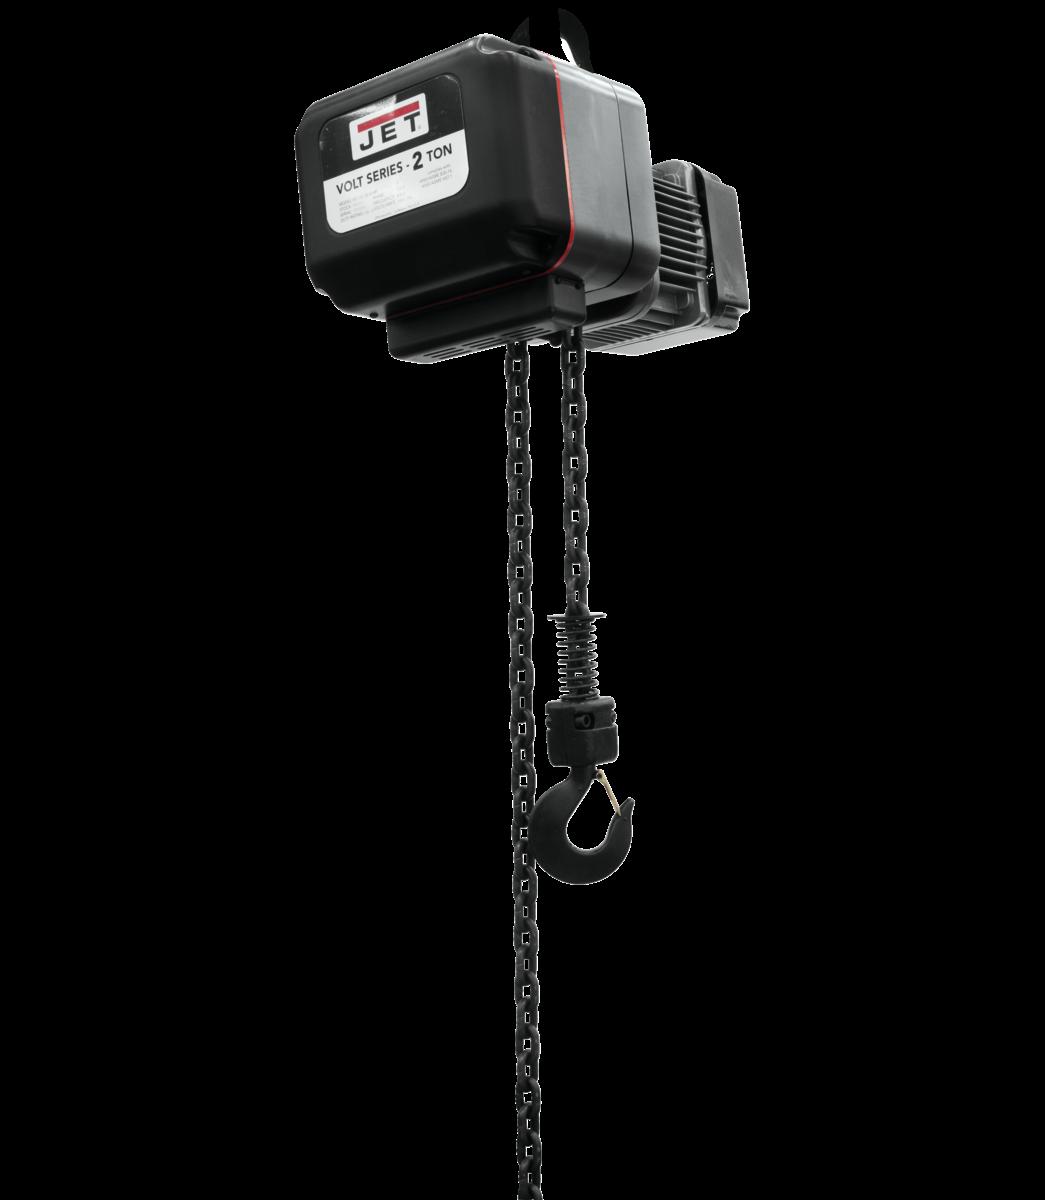 VOLT 2T VARIABLE-SPEED ELECTRIC HOIST 3PH 230V 15' LIFT